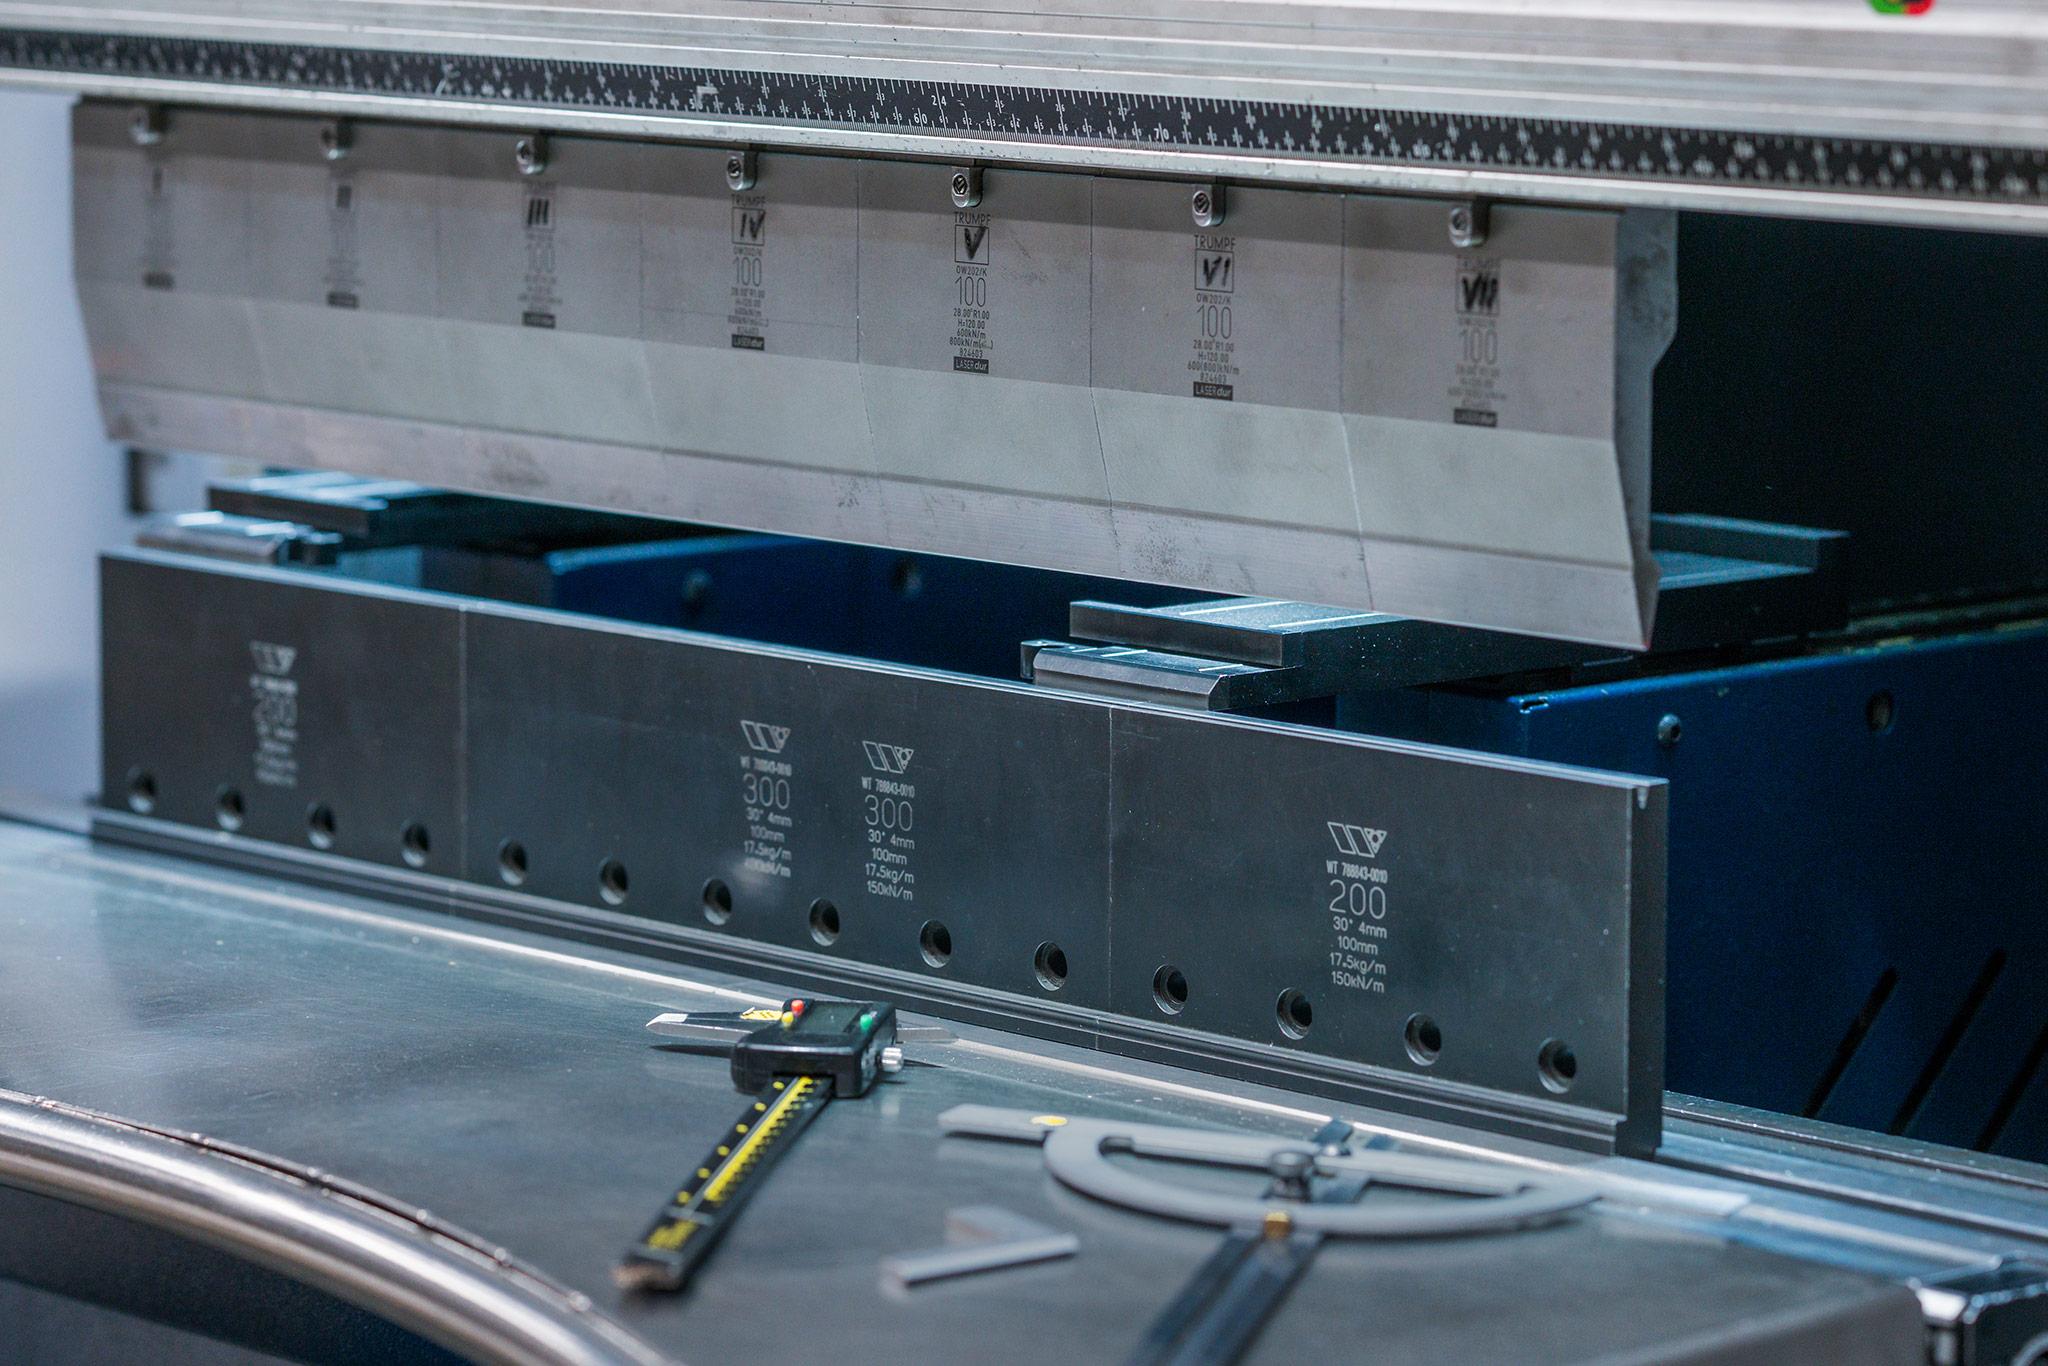 Kleine Kantpresse mit Messwerkzeugen davor Wilhelm Honebein Maschinen- und Gerätebau GmbH